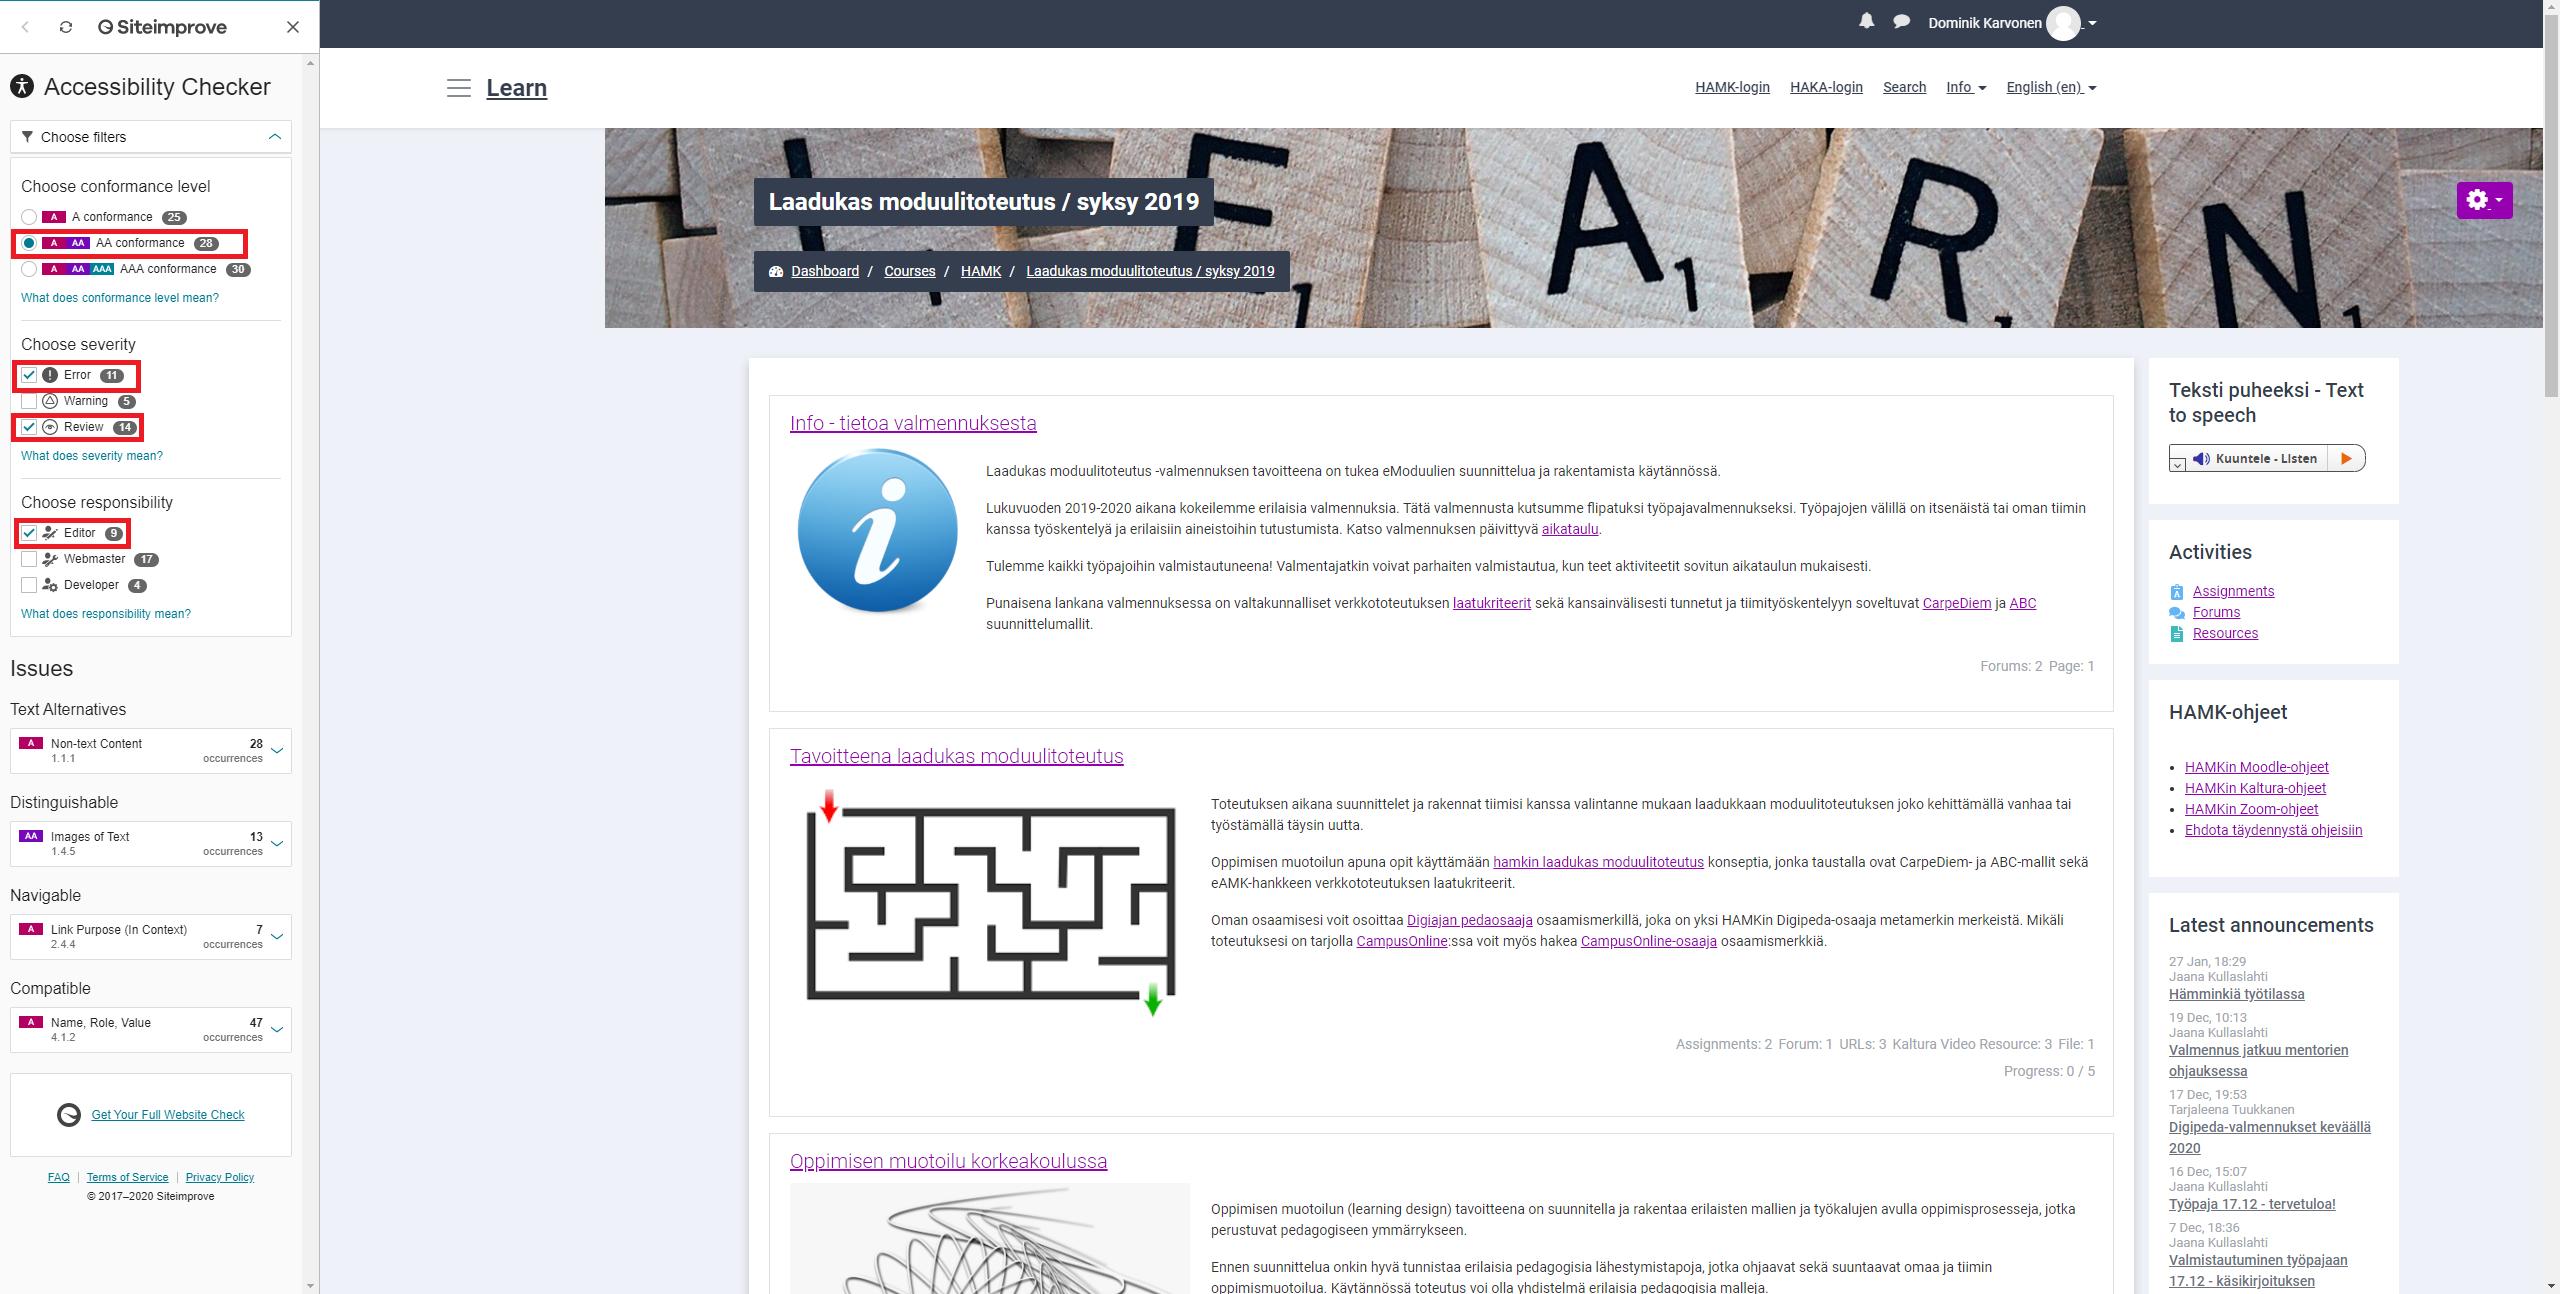 Accessibility Checker käytössä Moodle-sivulla. Filttereinä on käytössä AA conformance. Severityyn on valittuna Error ja Review. Responsibilityyn on valittuna Editor.